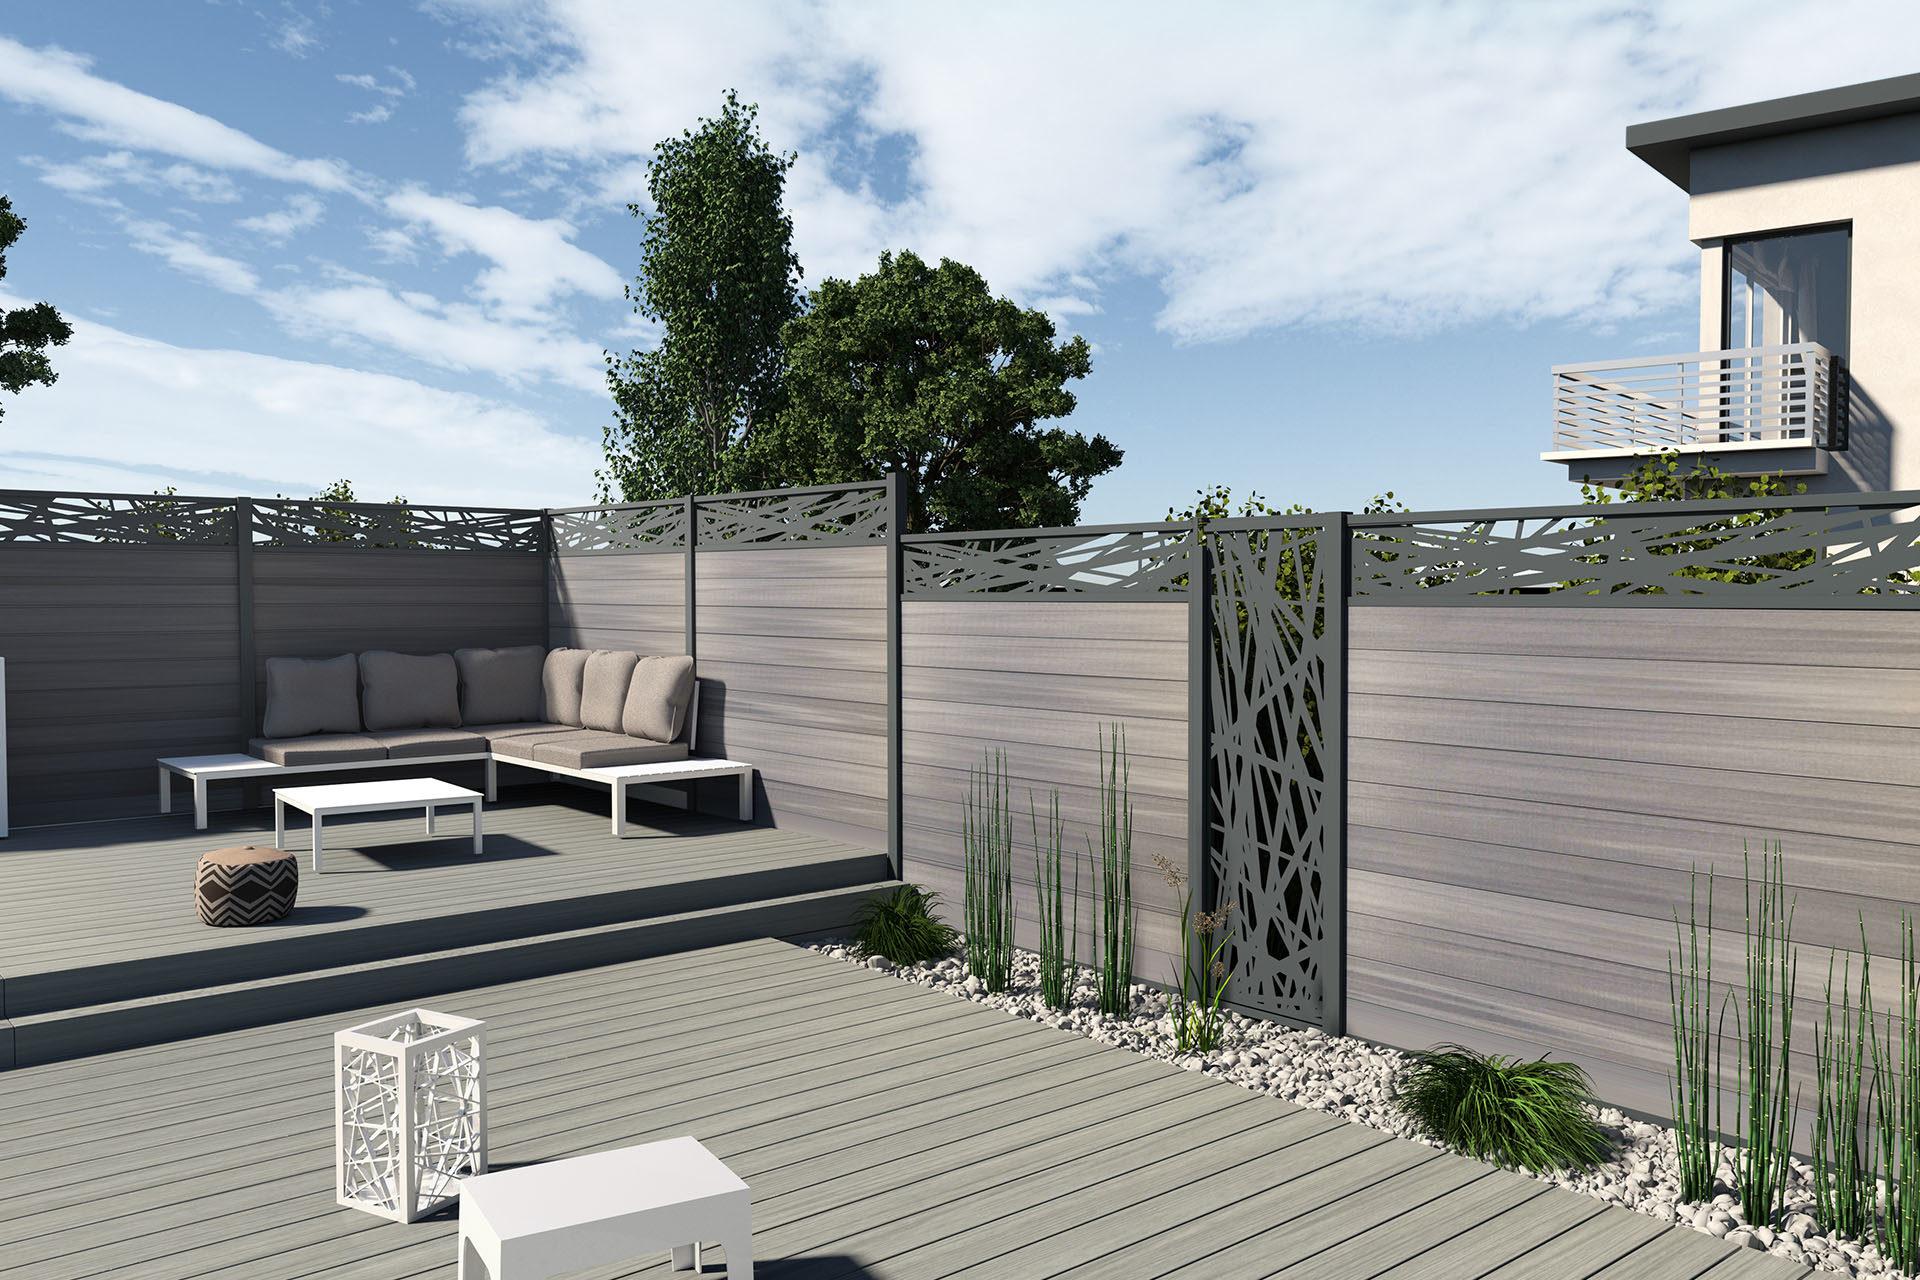 Fabriquer Un Brise Vue Bois fabricant de terrasse bardage clôture composite - fiberdeck.fr